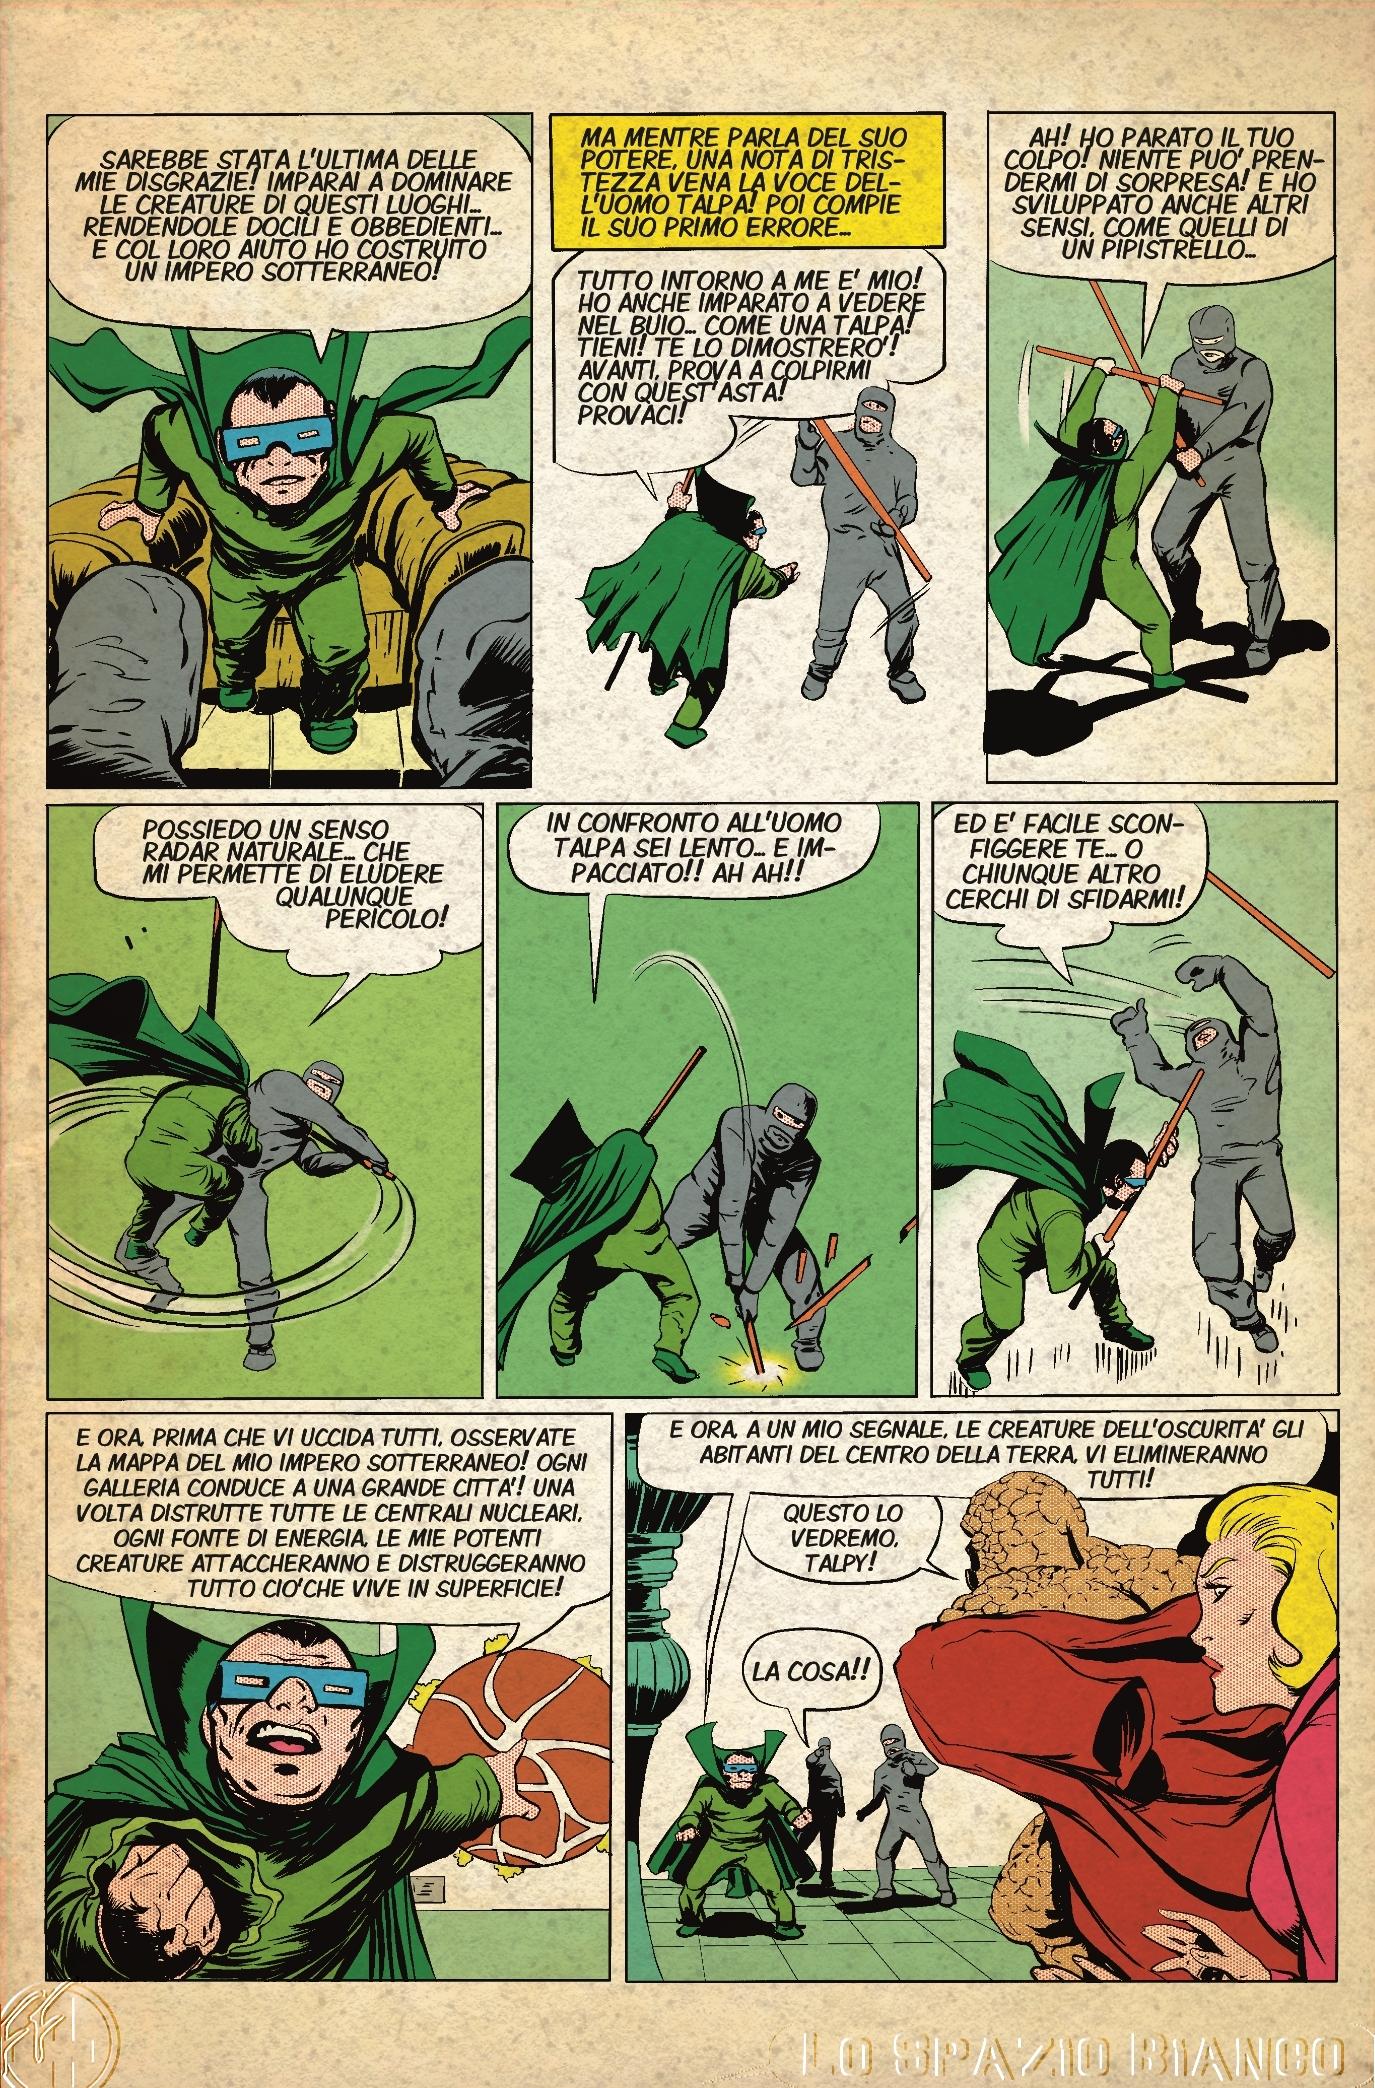 pagina 23 sovraimpressione